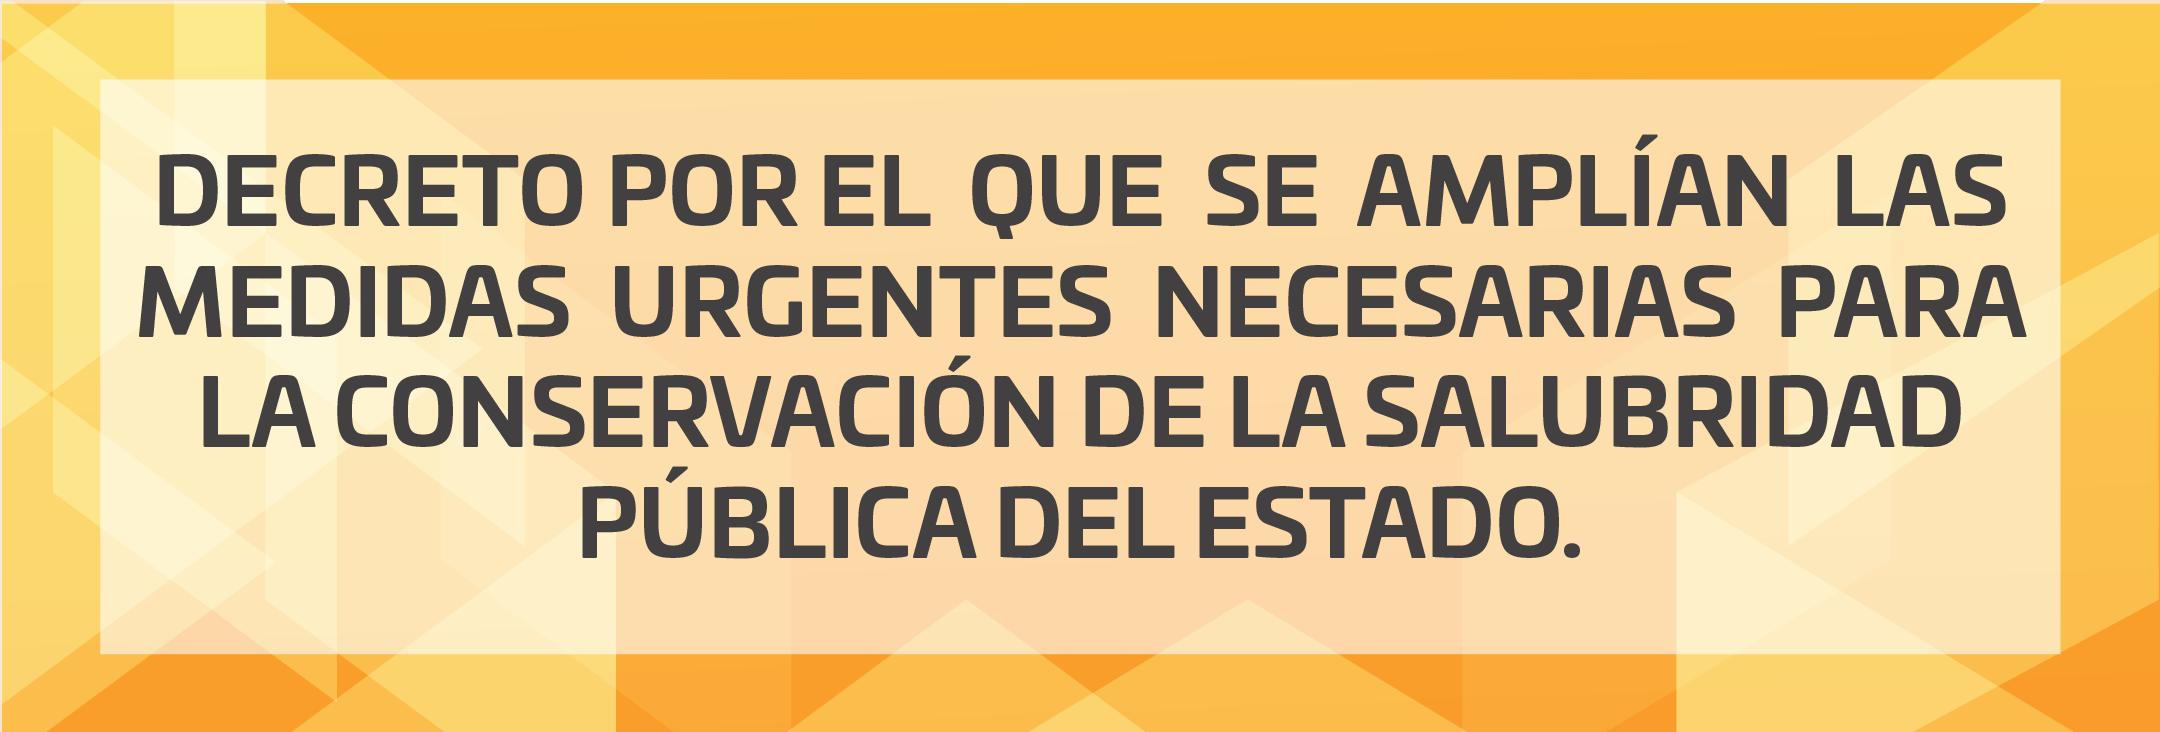 DECRETO POR EL  QUE  SE  AMPLÍAN  LAS  MEDIDAS  URGENTES  NECESARIAS  PARA  LA CONSERVACIÓN DE LA SALUBRIDAD PÚBLICA DEL ESTADO.